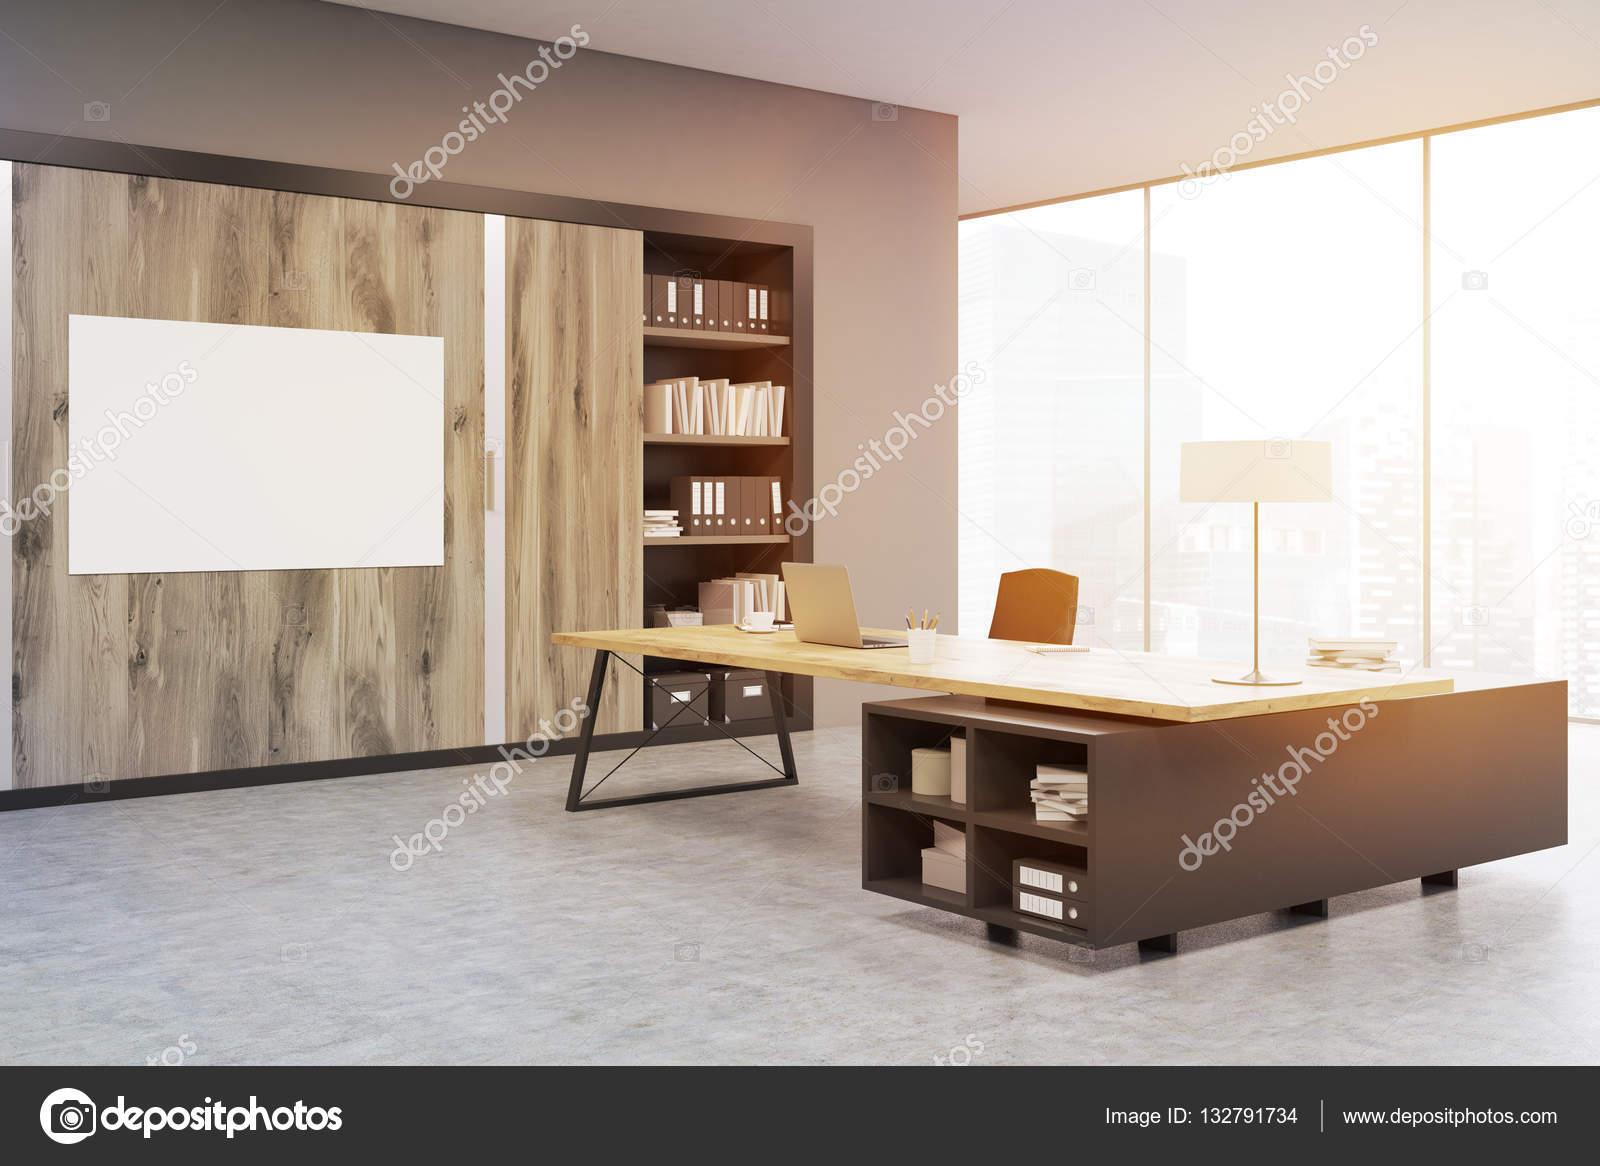 ecke ein büro mit holztüren und ein bücherregal, getönt — stockfoto